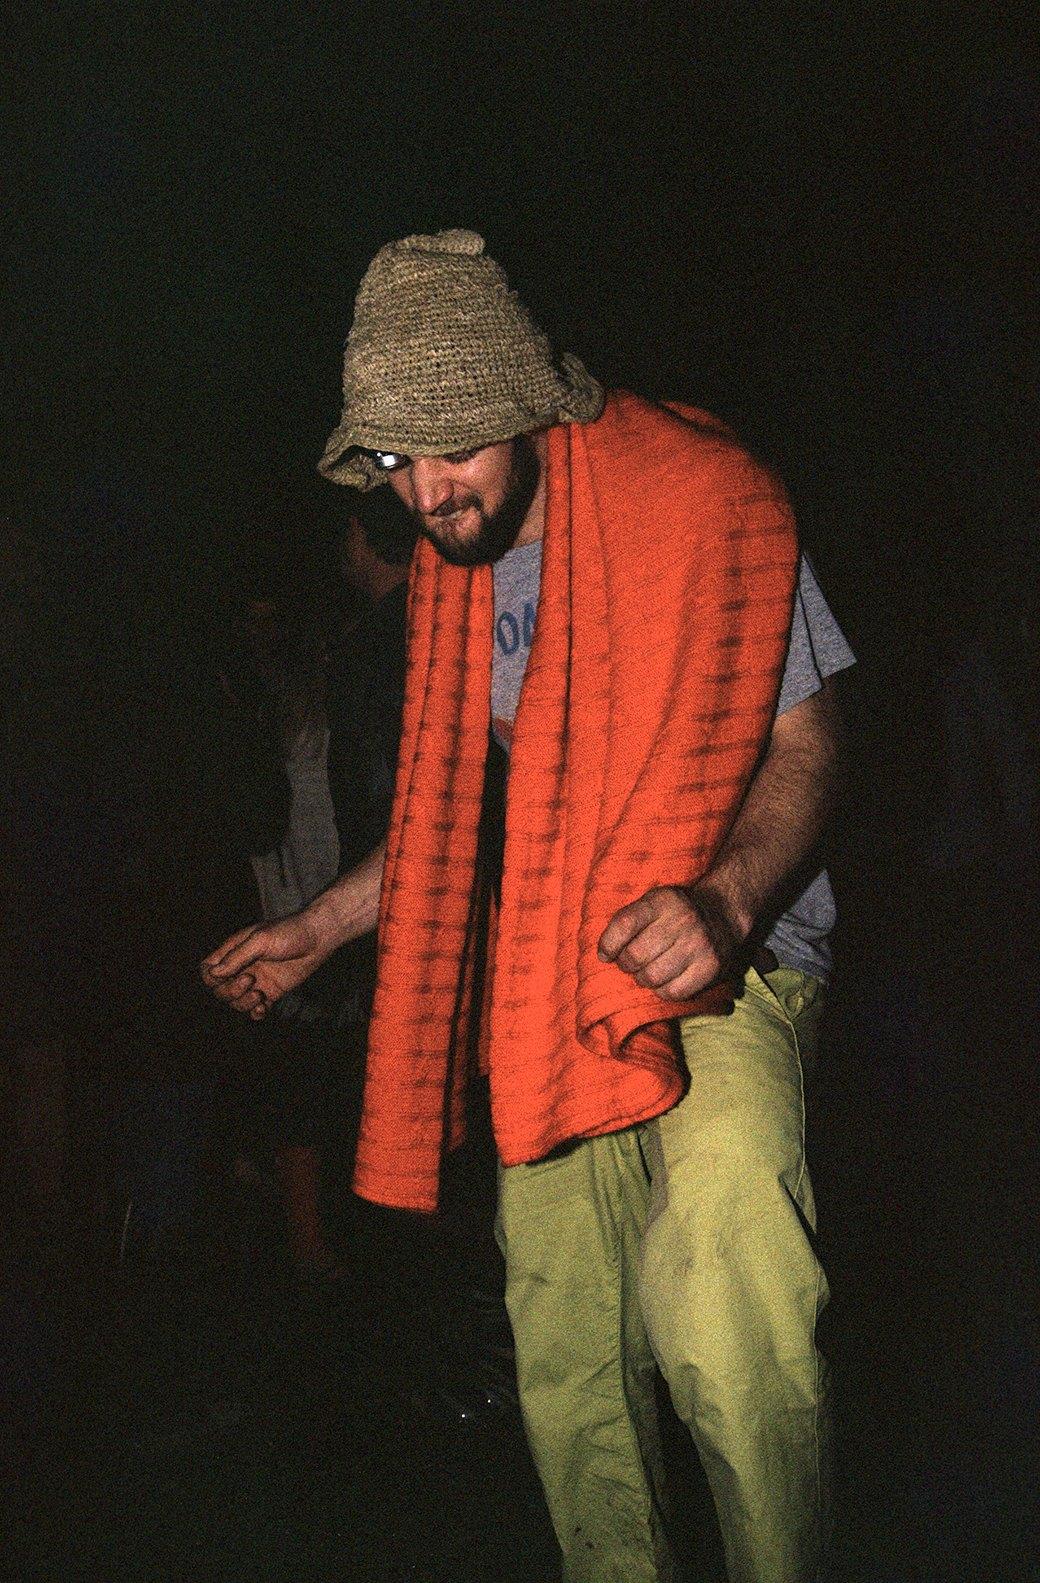 Рейв в лесу: Фоторепортаж с фестиваля «Архстояние» . Изображение № 26.